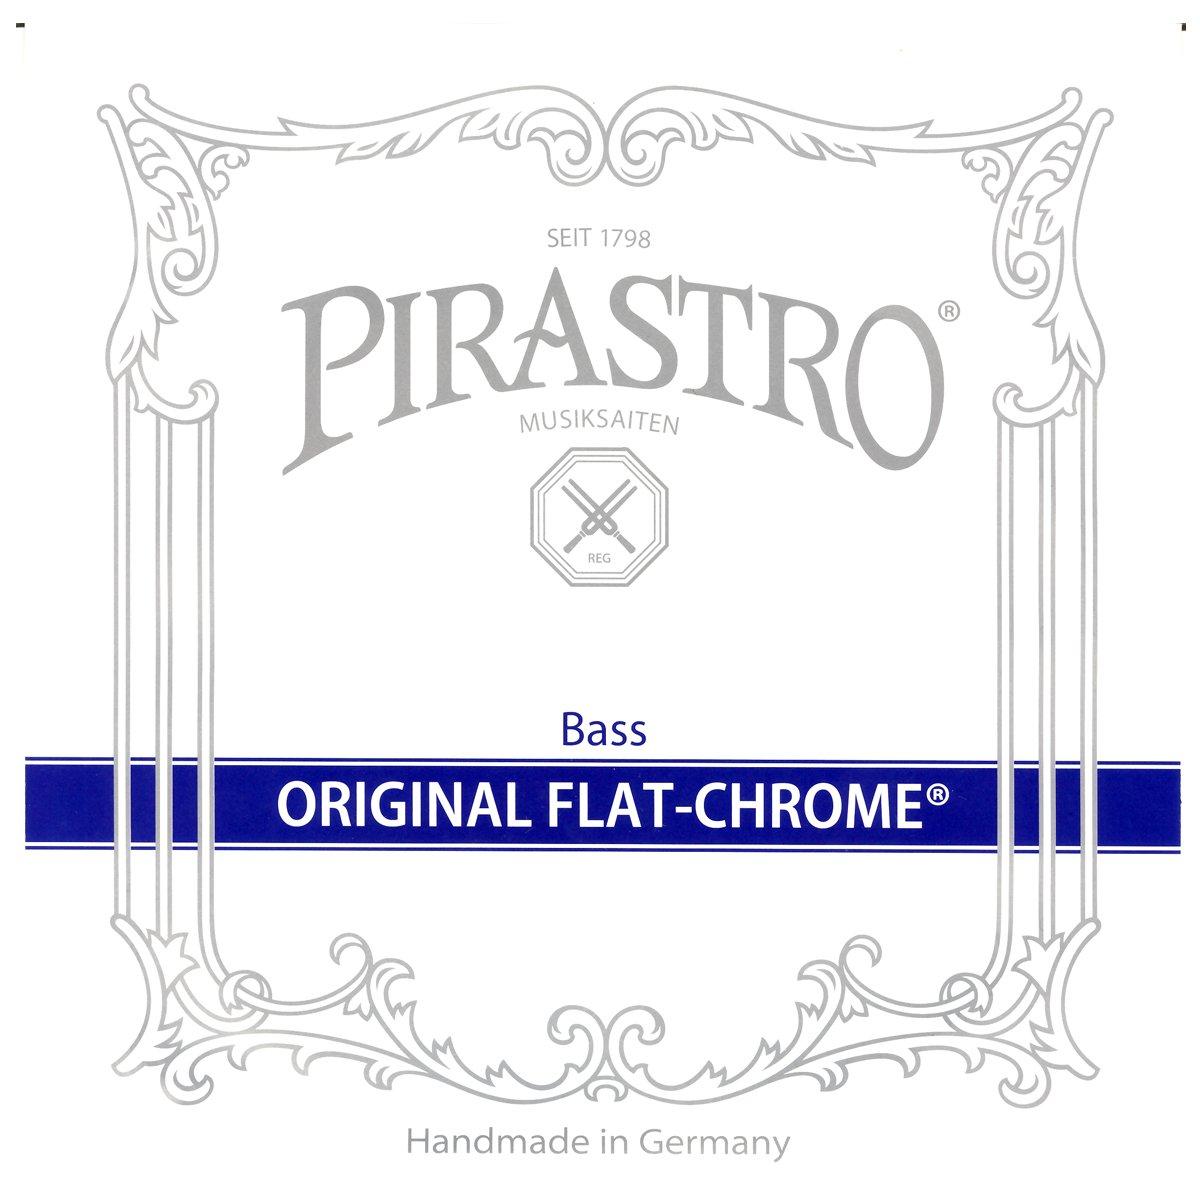 PIRASTRO (ピラストロ) 弦 オリジナル フラット クロム E スチール/クロムスチール巻 Contrabass (コントラバス) 用 3474   B012CMJ1XU